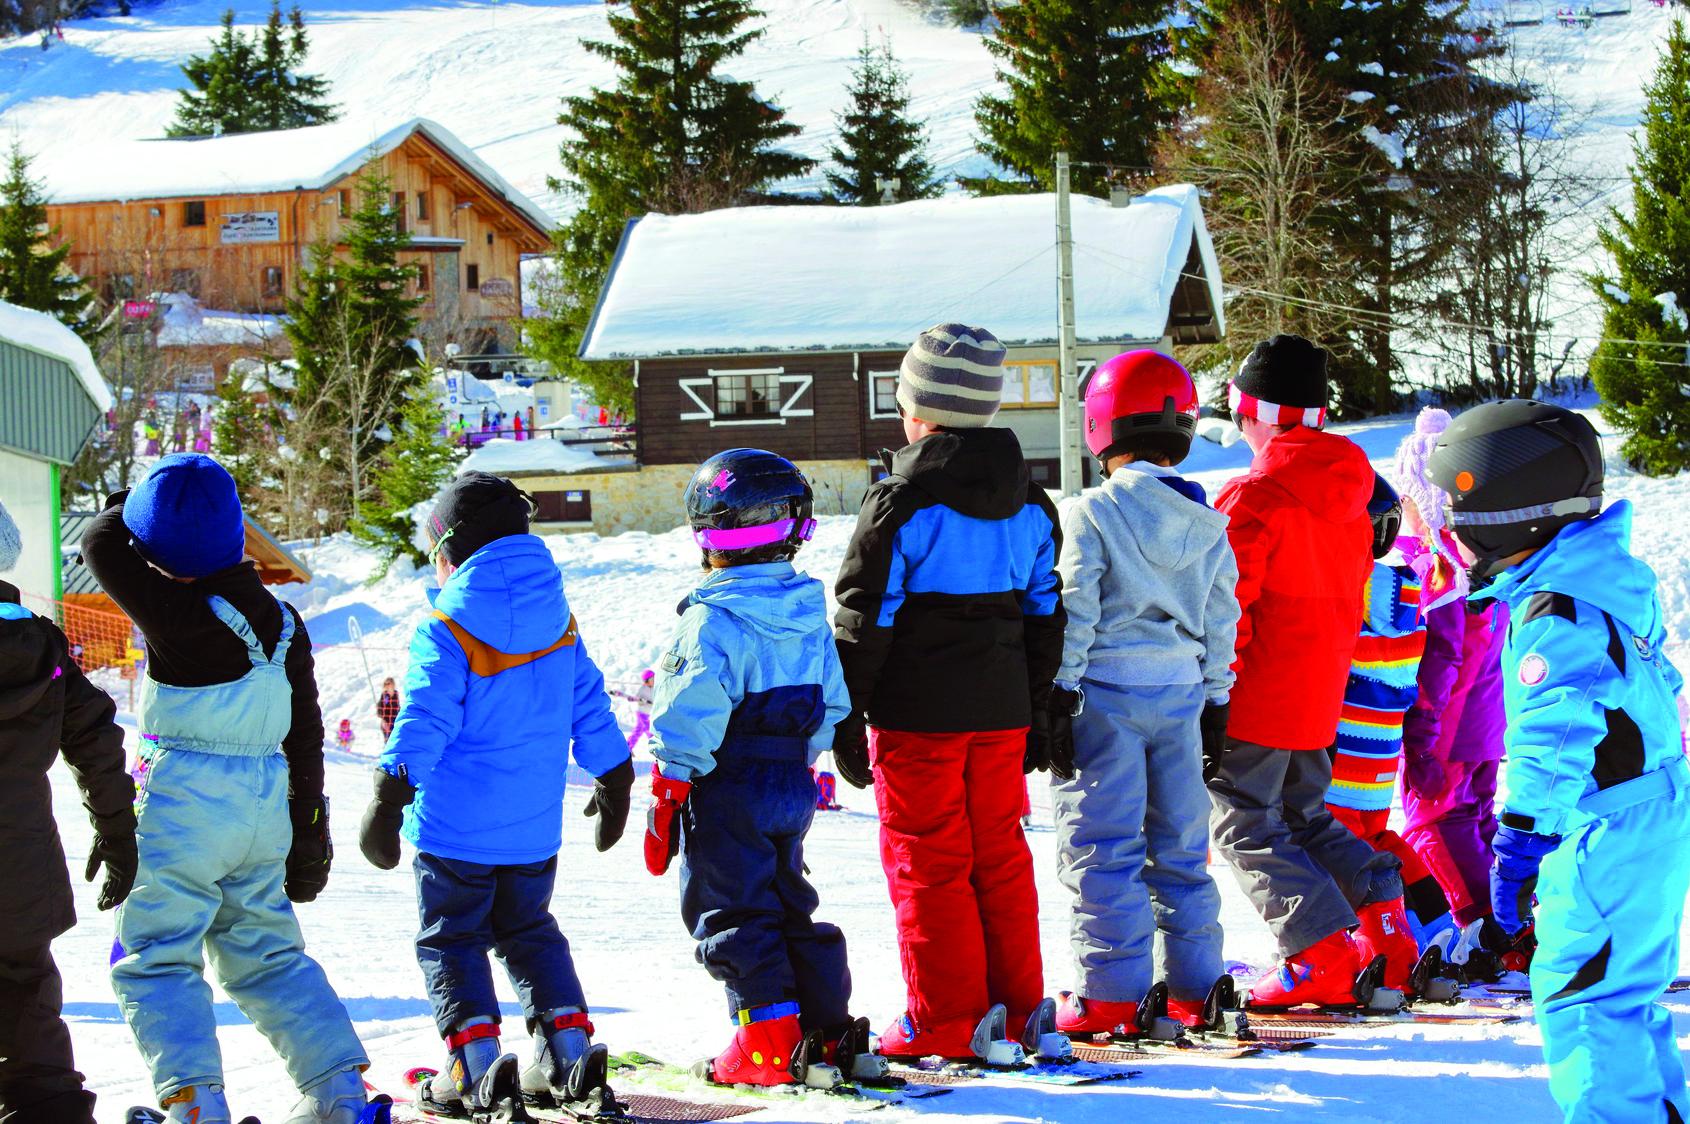 Les nécessaires à connaître avant d'envoyer son enfant à une classe neige